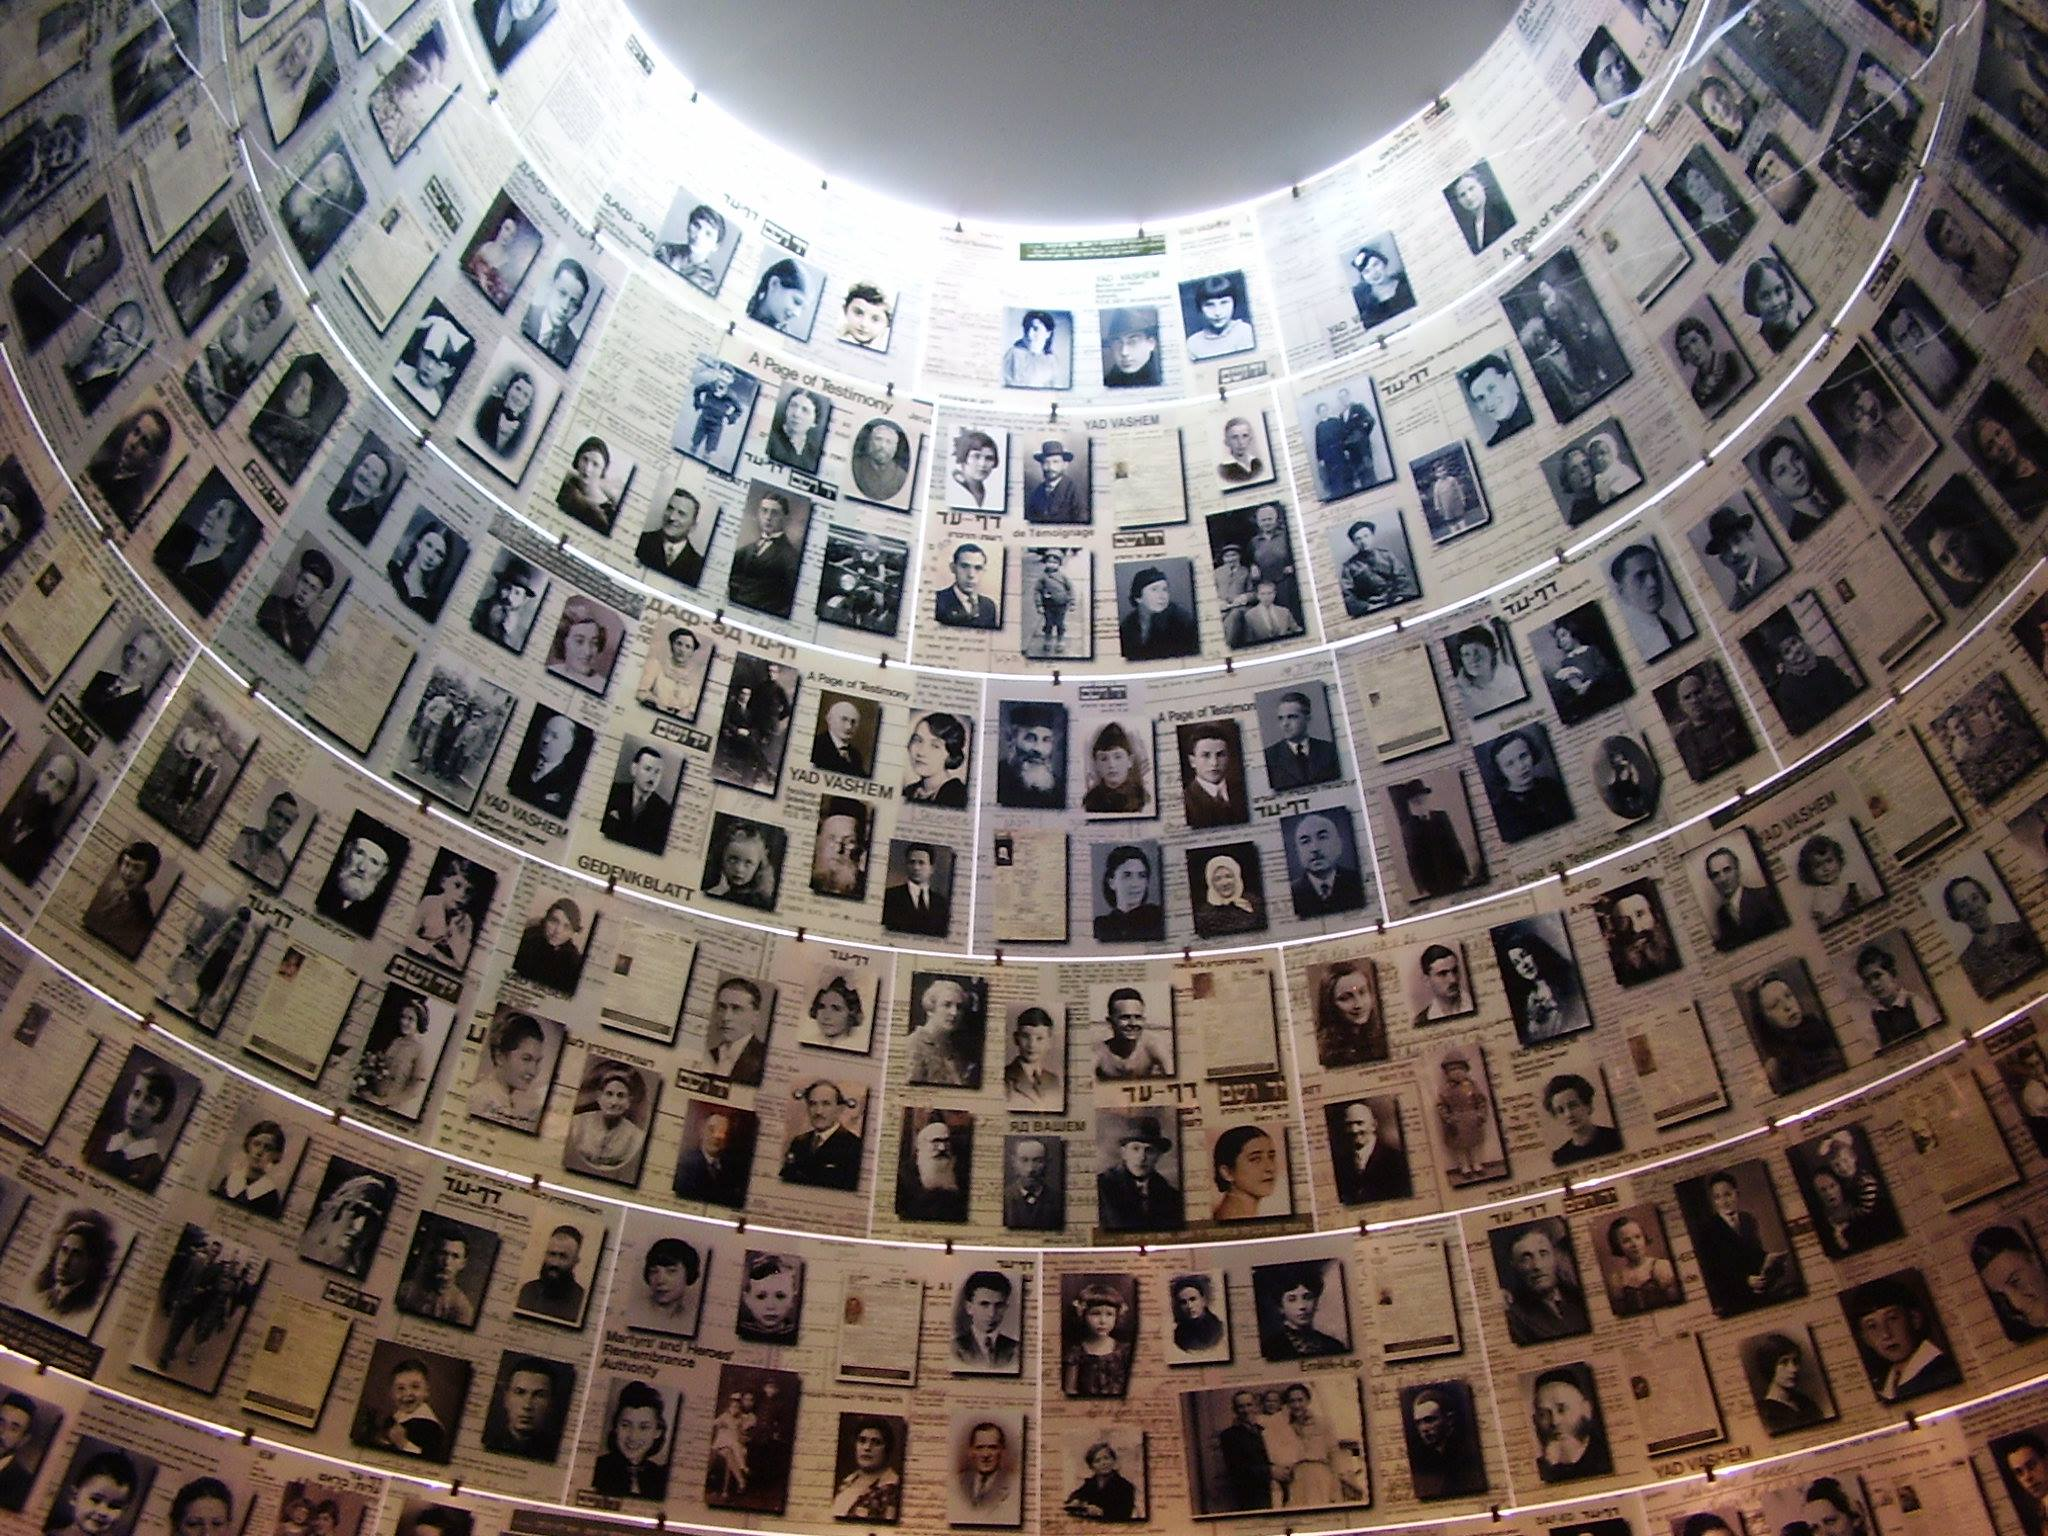 Internationaler Holocaust Gedenktag 27januar Worldwidewings